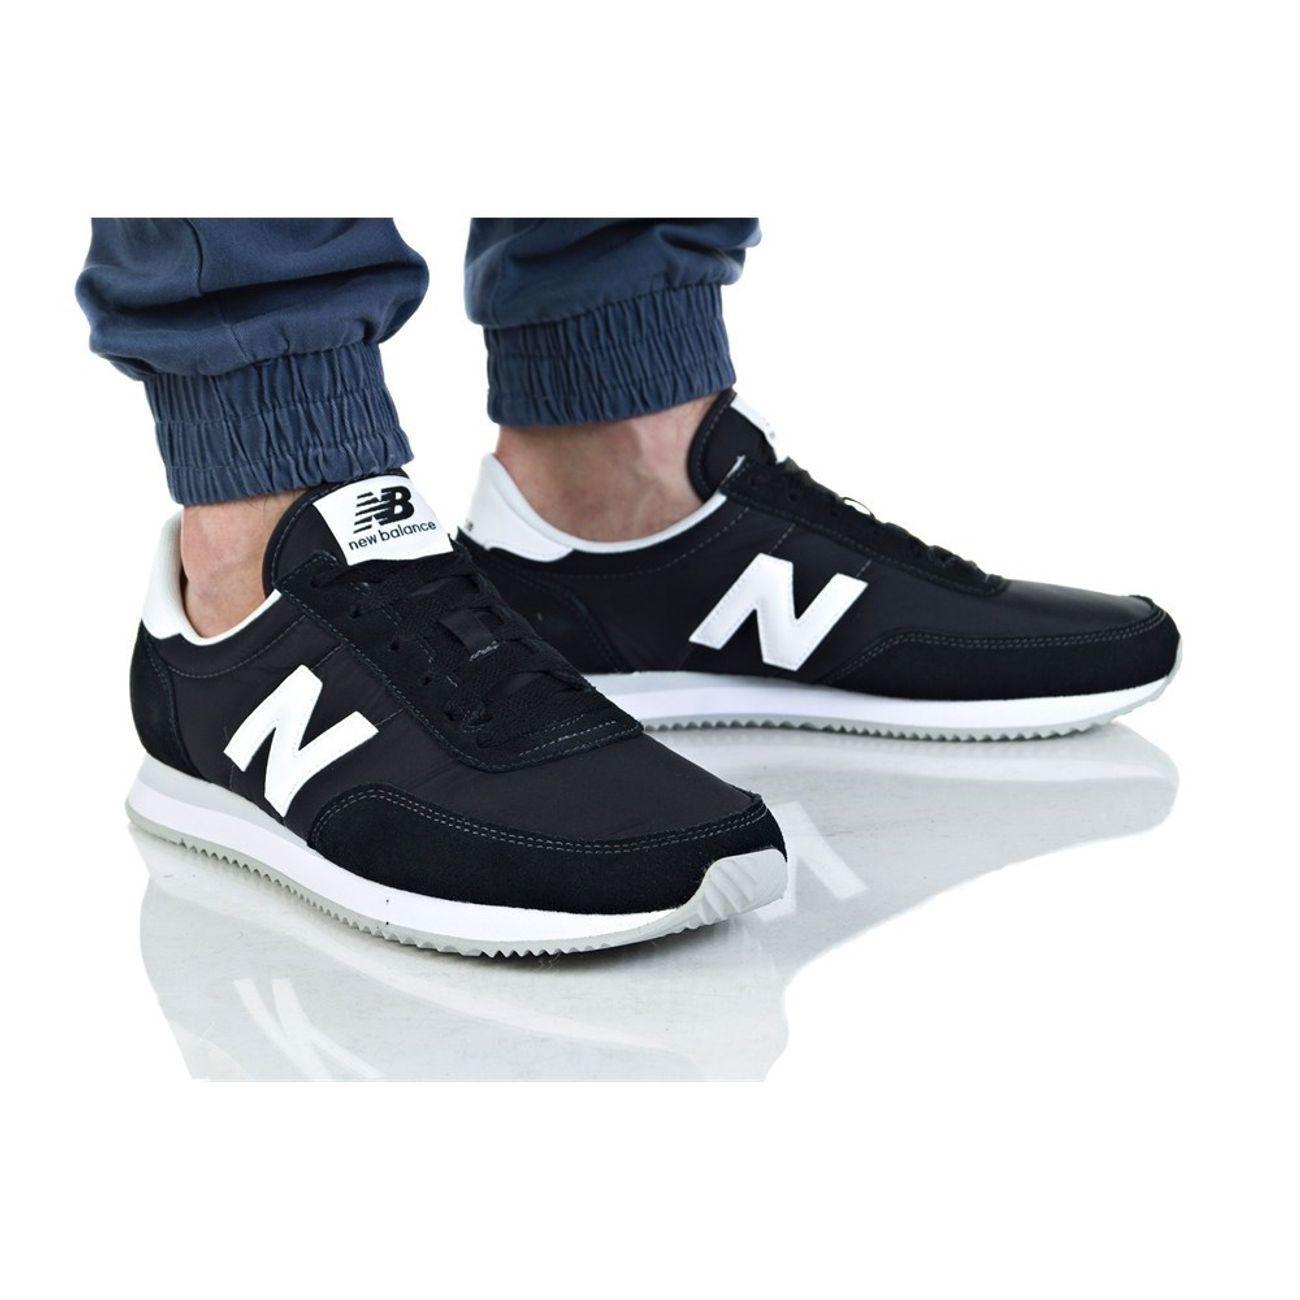 Mode- Lifestyle homme NEW BALANCE New Balance 720